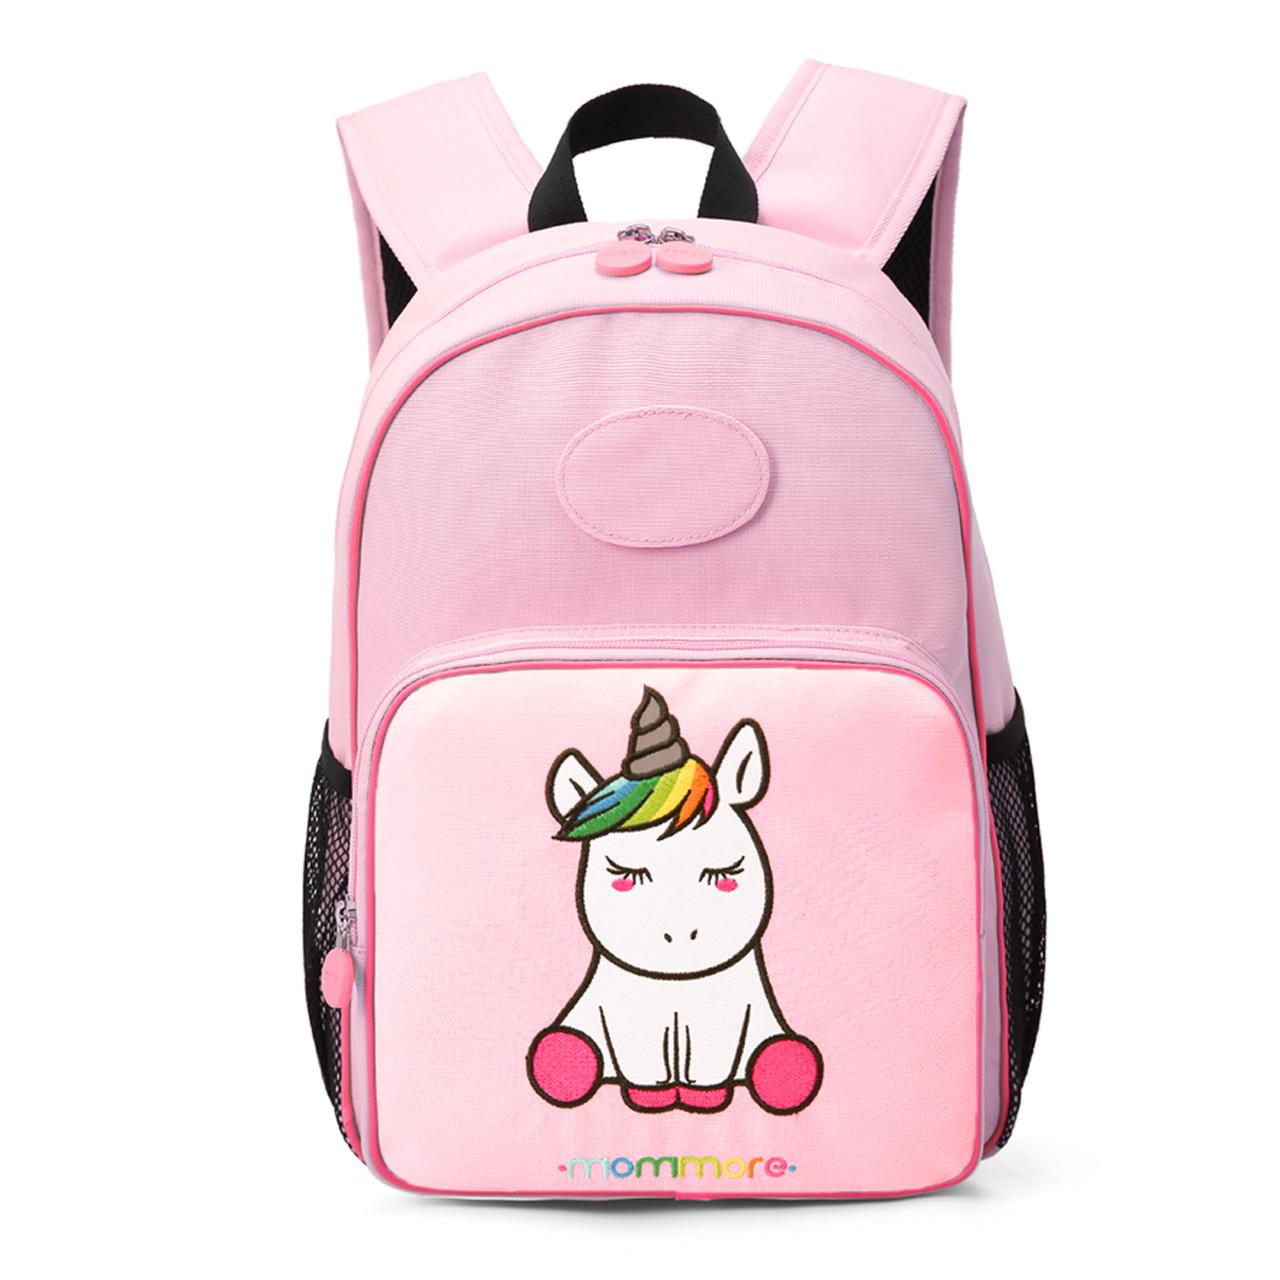 Детский рюкзак Mommore Unicorn Розовый (FB0240010A012MM)